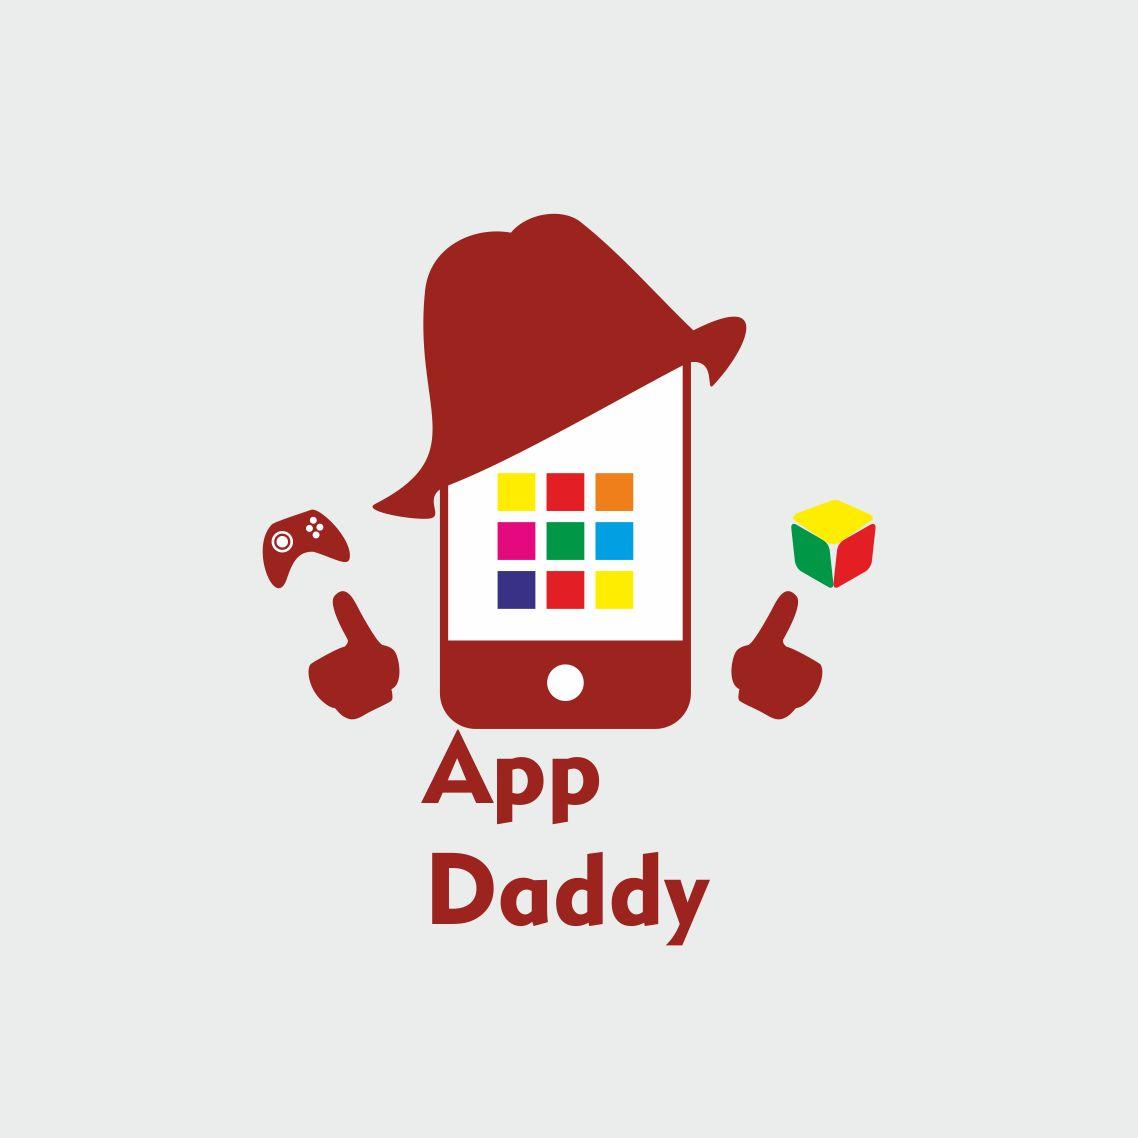 Логотип для сайта-приложения-компании - дизайнер Preator86